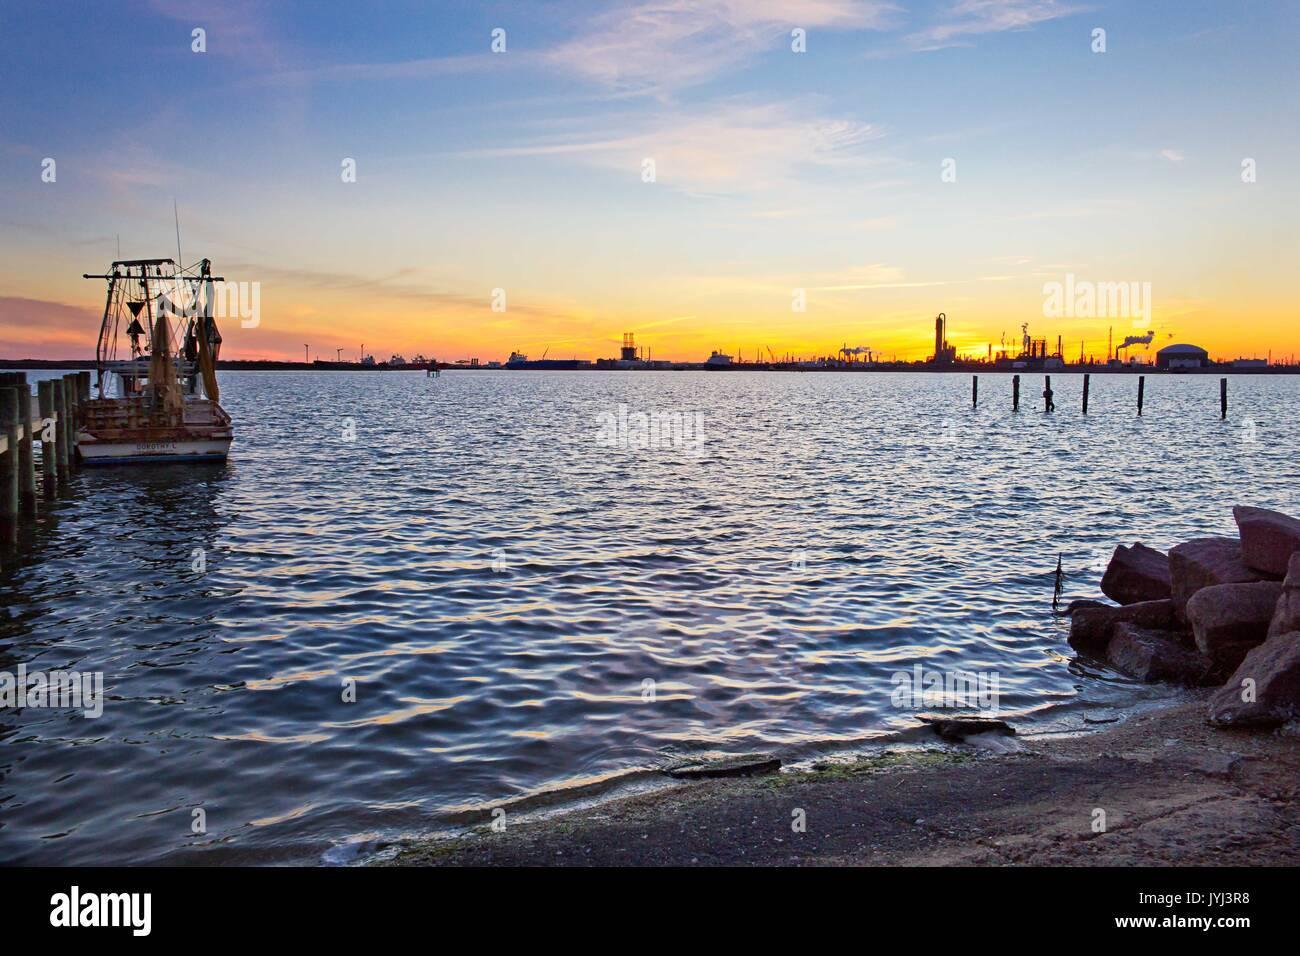 Galveston Bay Stock Photos & Galveston Bay Stock Images ...